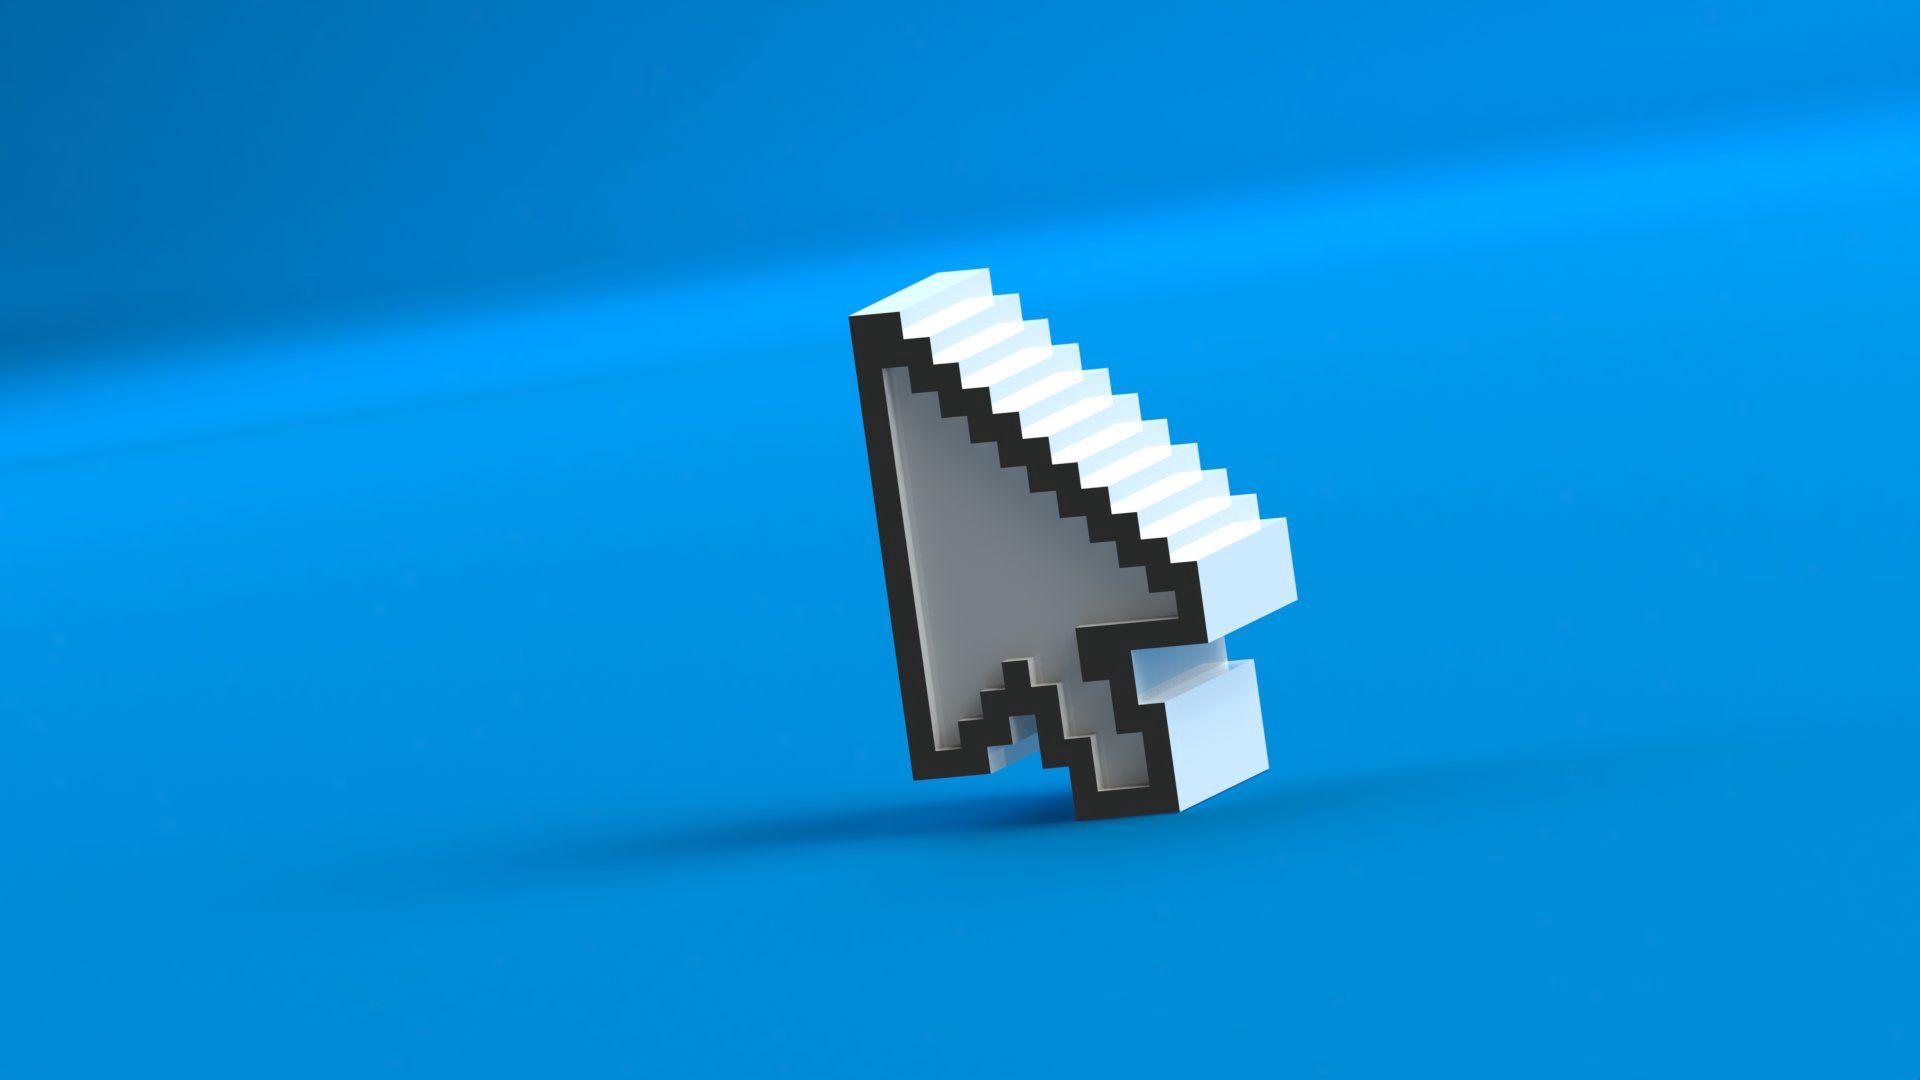 92616 Hintergrundbild herunterladen Pfeil, Verschiedenes, Sonstige, Die Form, Form, Zeiger, Skala, Computer, Rahmen - Bildschirmschoner und Bilder kostenlos